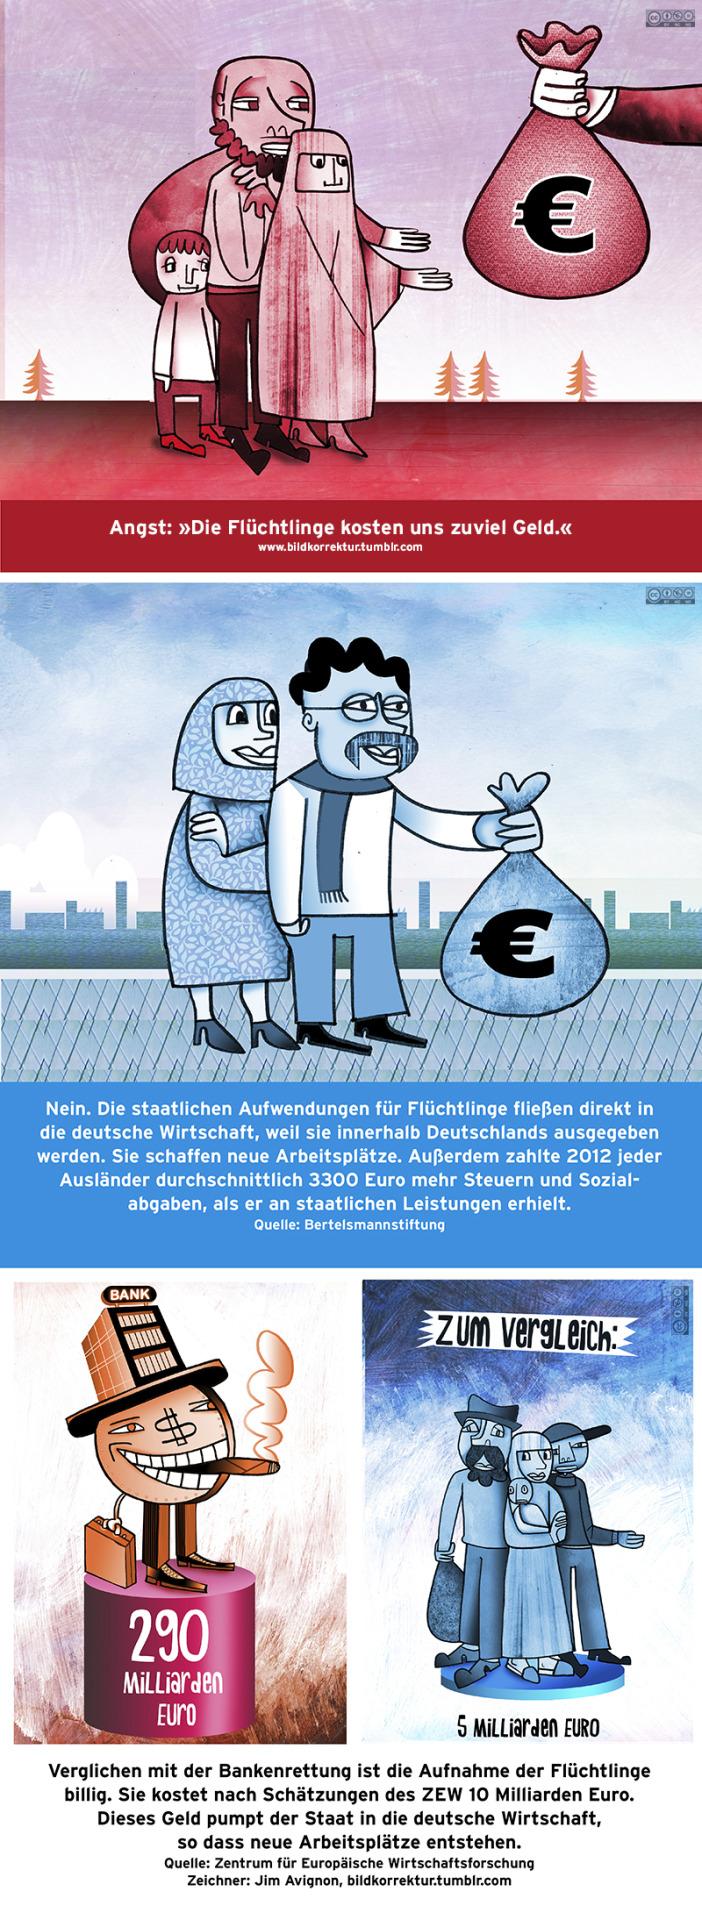 Das Geld für die Unterstützung der Flüchtlinge ist da: Es stammt oft aus Steuerüberschüssen und Haushaltsrücklagen. Deutschland geht es finanziell sehr gut: 2015 hat die Bundesregierung zum ersten Mal seit 1969 einen Haushaltsentwurf ohne Neuverschuldung vorgelegt. Zudem machen fünf Milliarden Euro gerade einmal 1,8 Prozent des Bundeshaushalts aus.Quelle: Bundesregierung